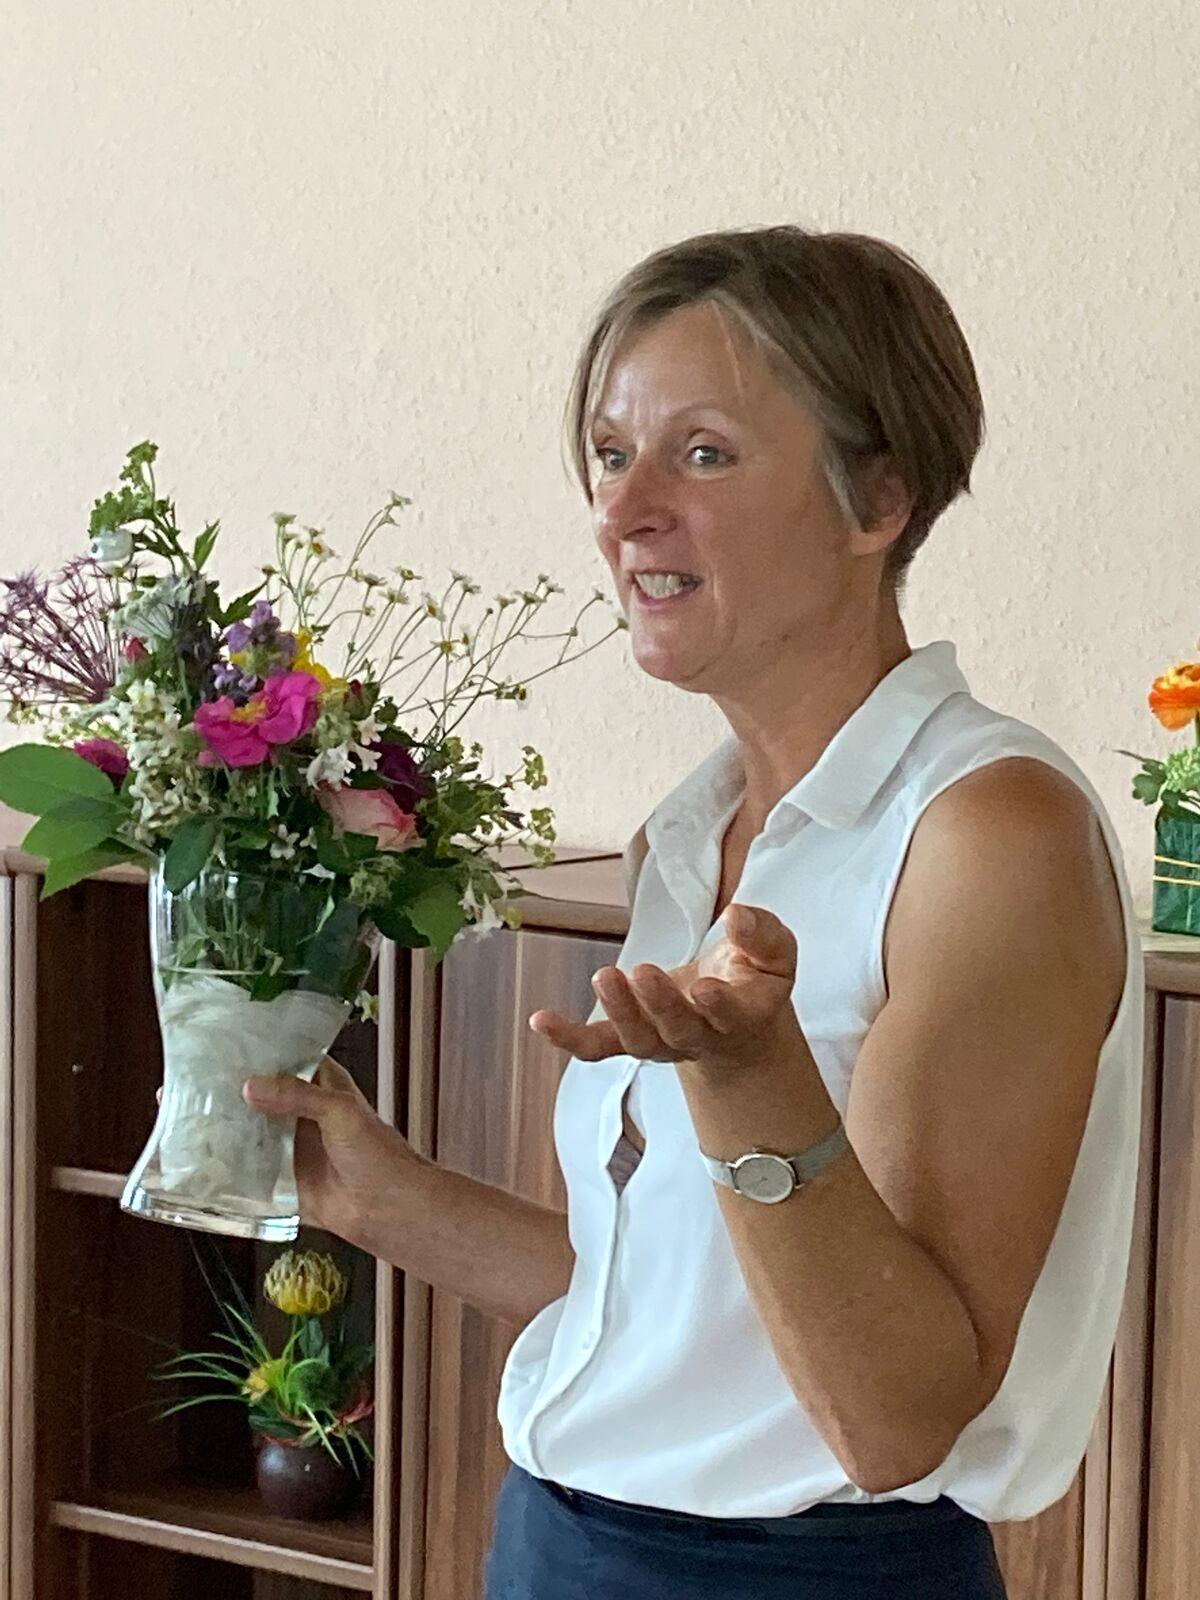 Ines Pleger